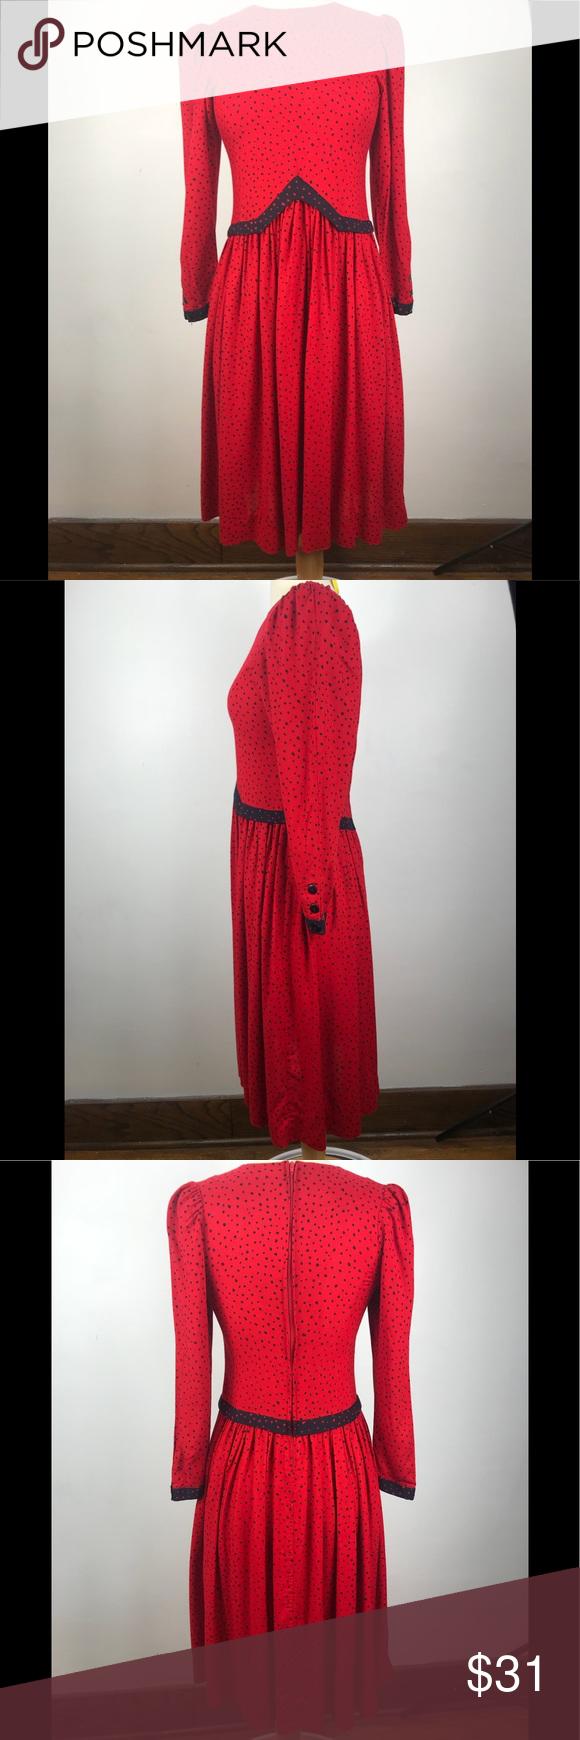 Vintage red and black polka dot dress